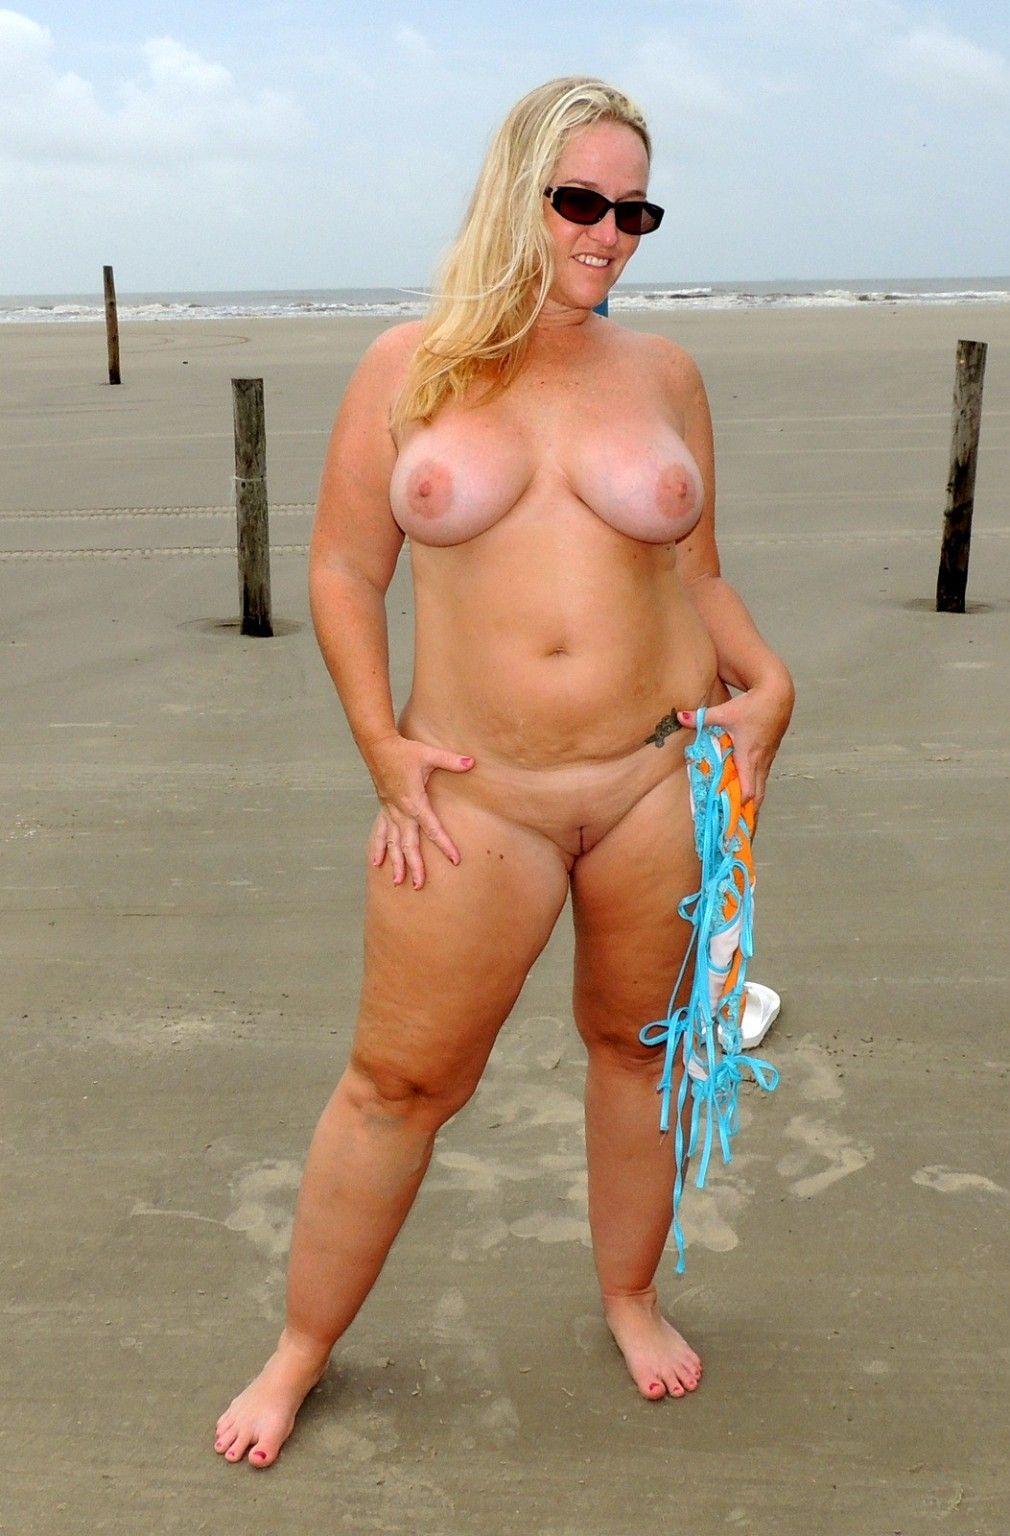 big dick öffentlichen strand sex